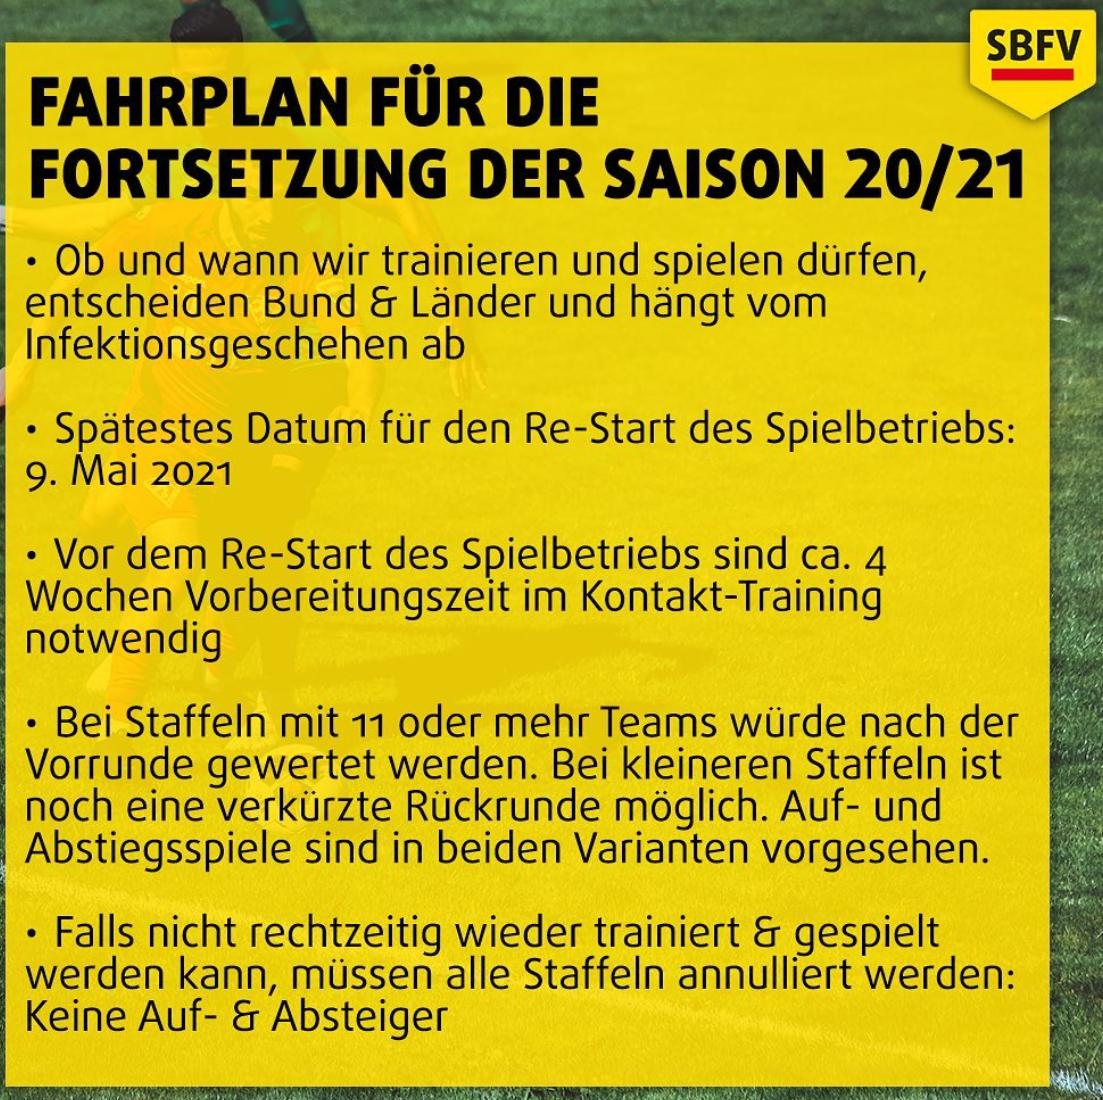 SBFV-Verbandsvorstand beschließt Varianten zur Saisonfortsetzung